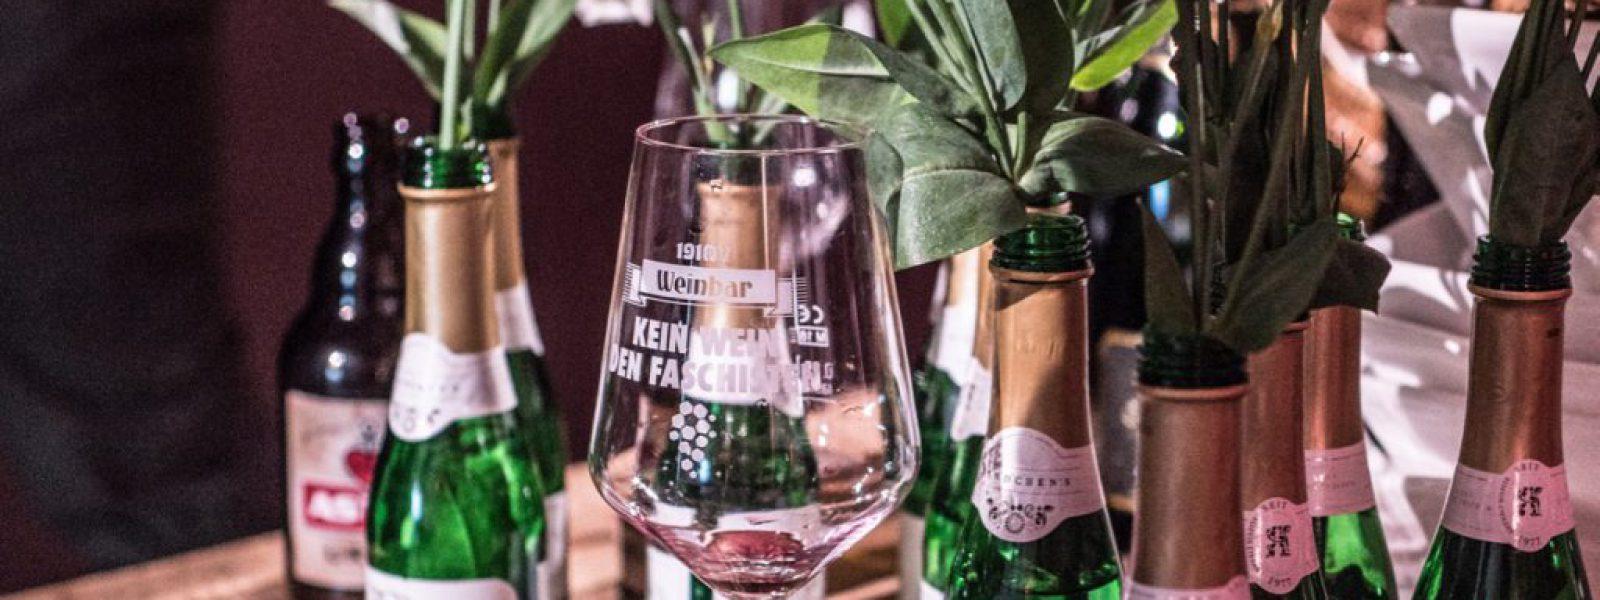 Weinfest gg Rassismus 2018 (Fotos Sabrina Adeline Nagel) klein - 75